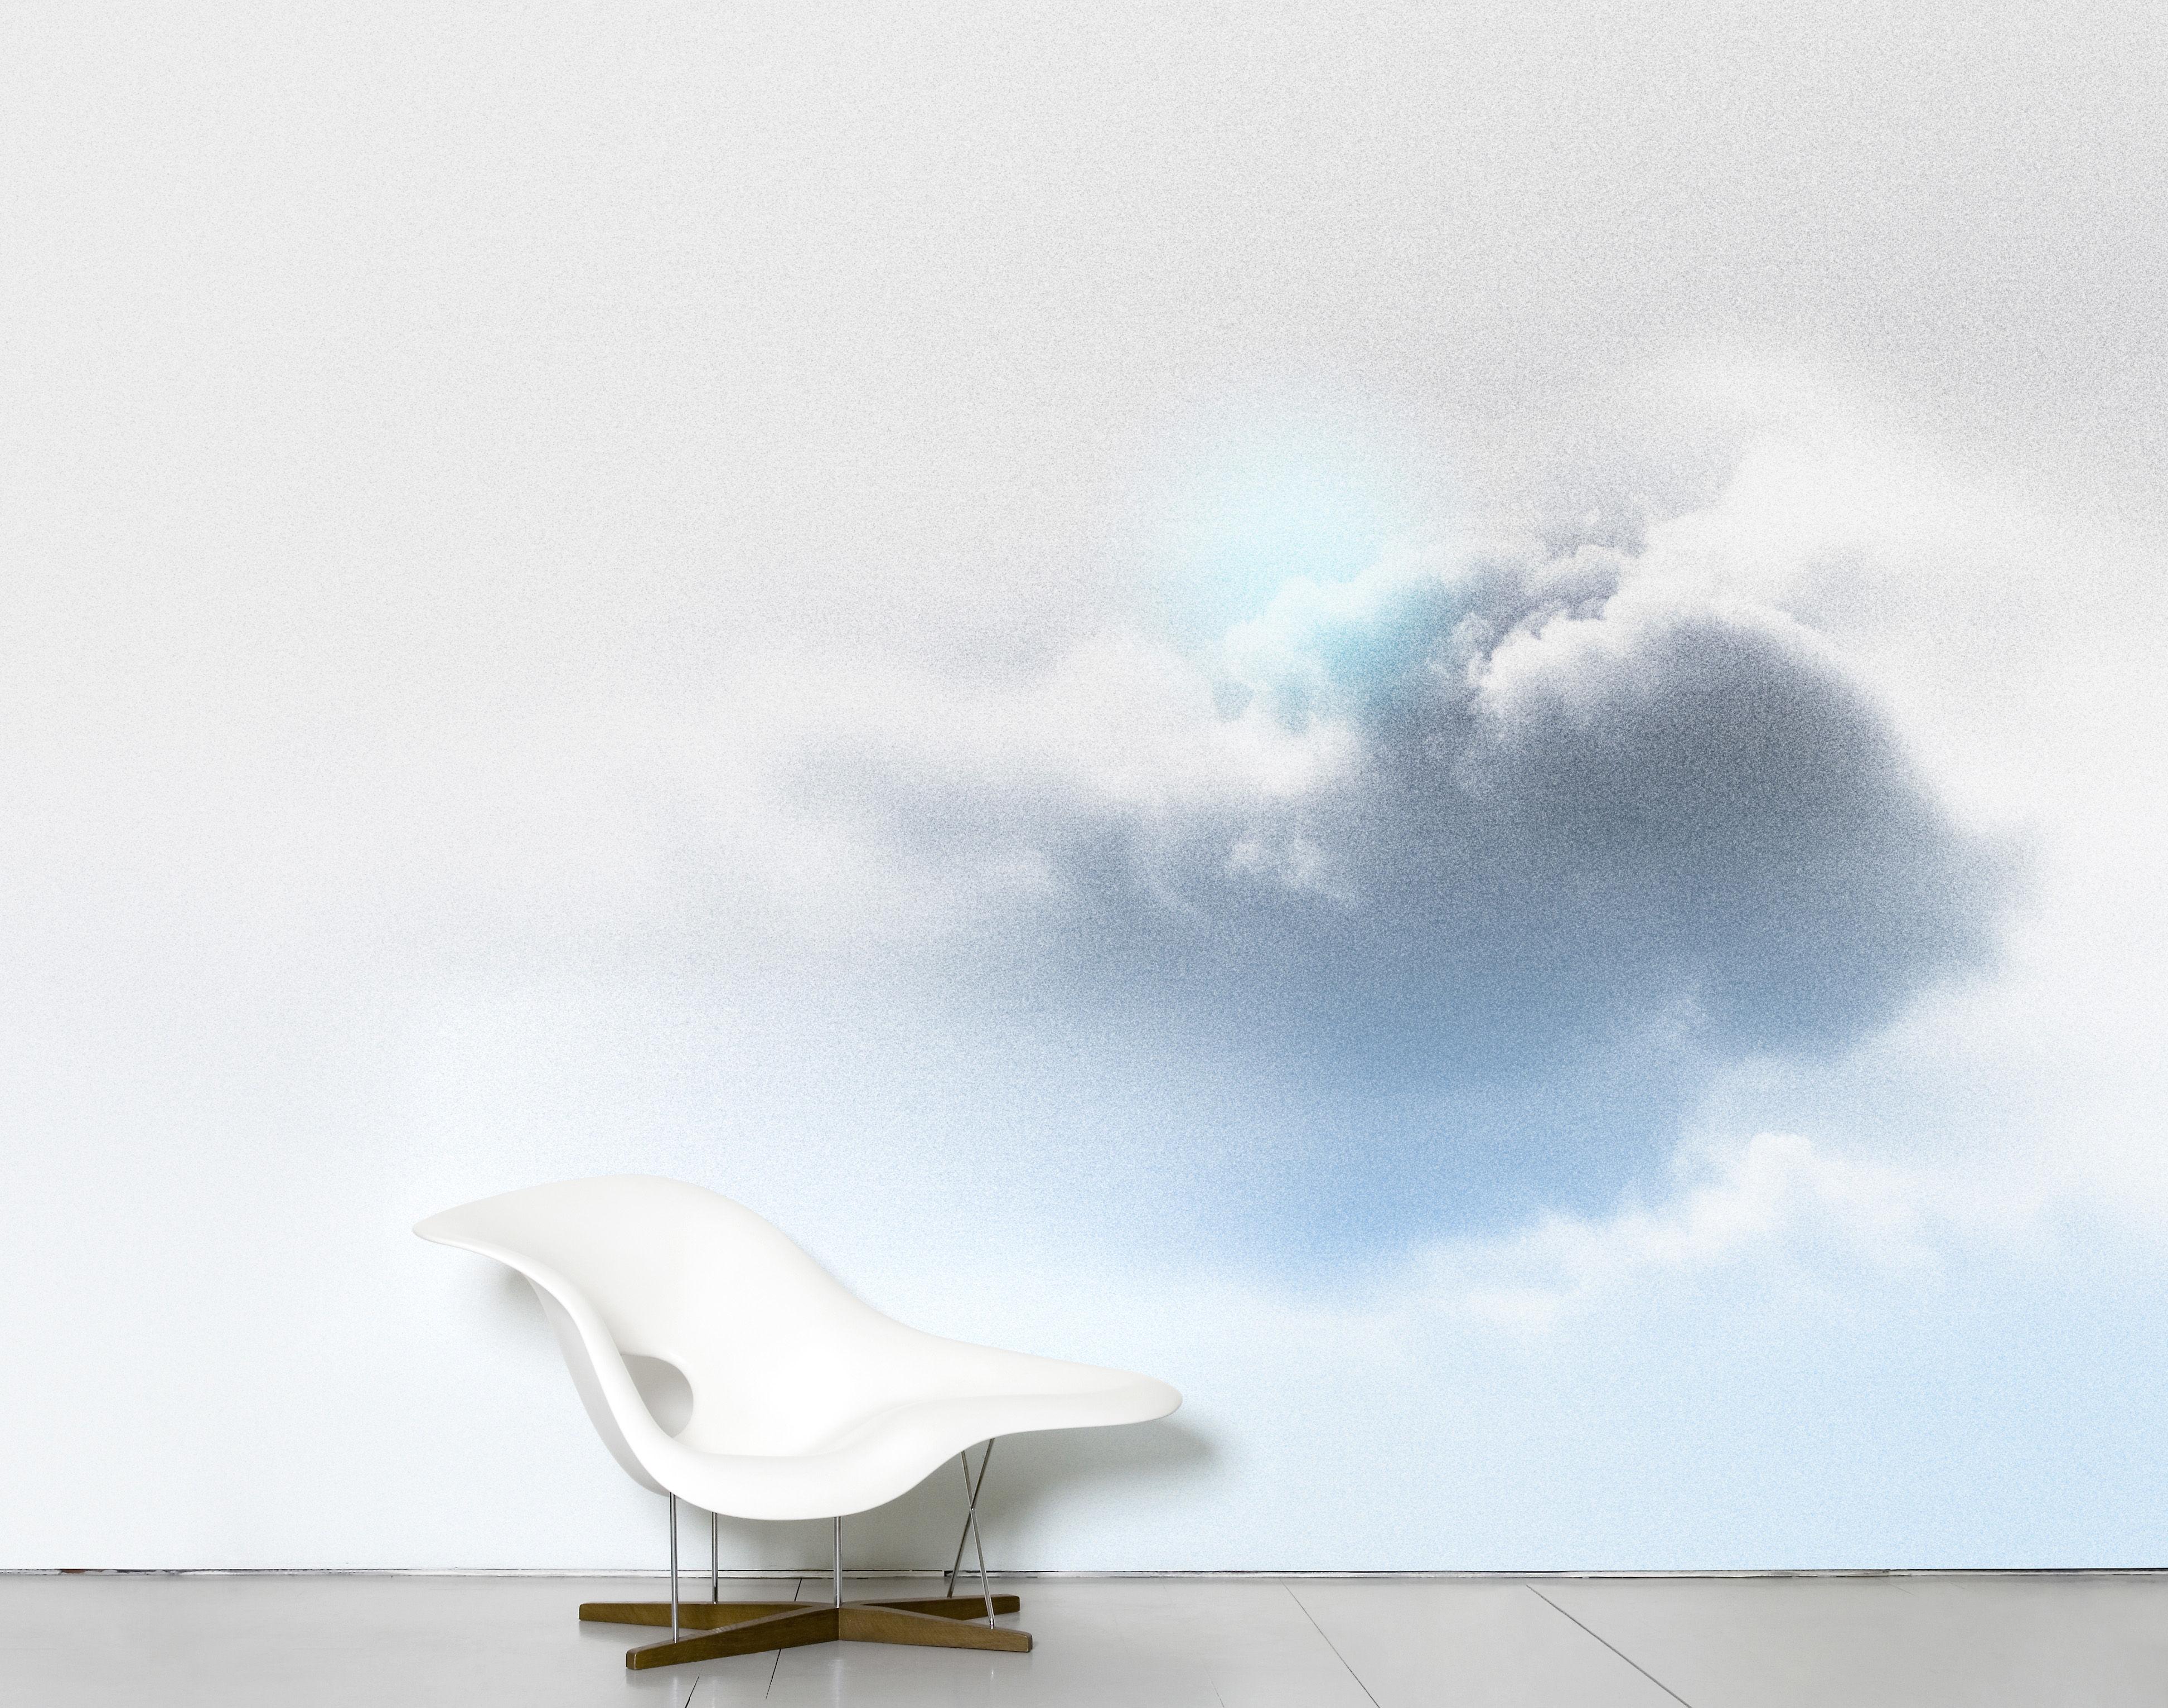 Déco - Stickers, papiers peints & posters - Papier peint panoramique Ciel / 8 lés - L 372 x H 300 cm - Domestic - Ciel - Papier intissé